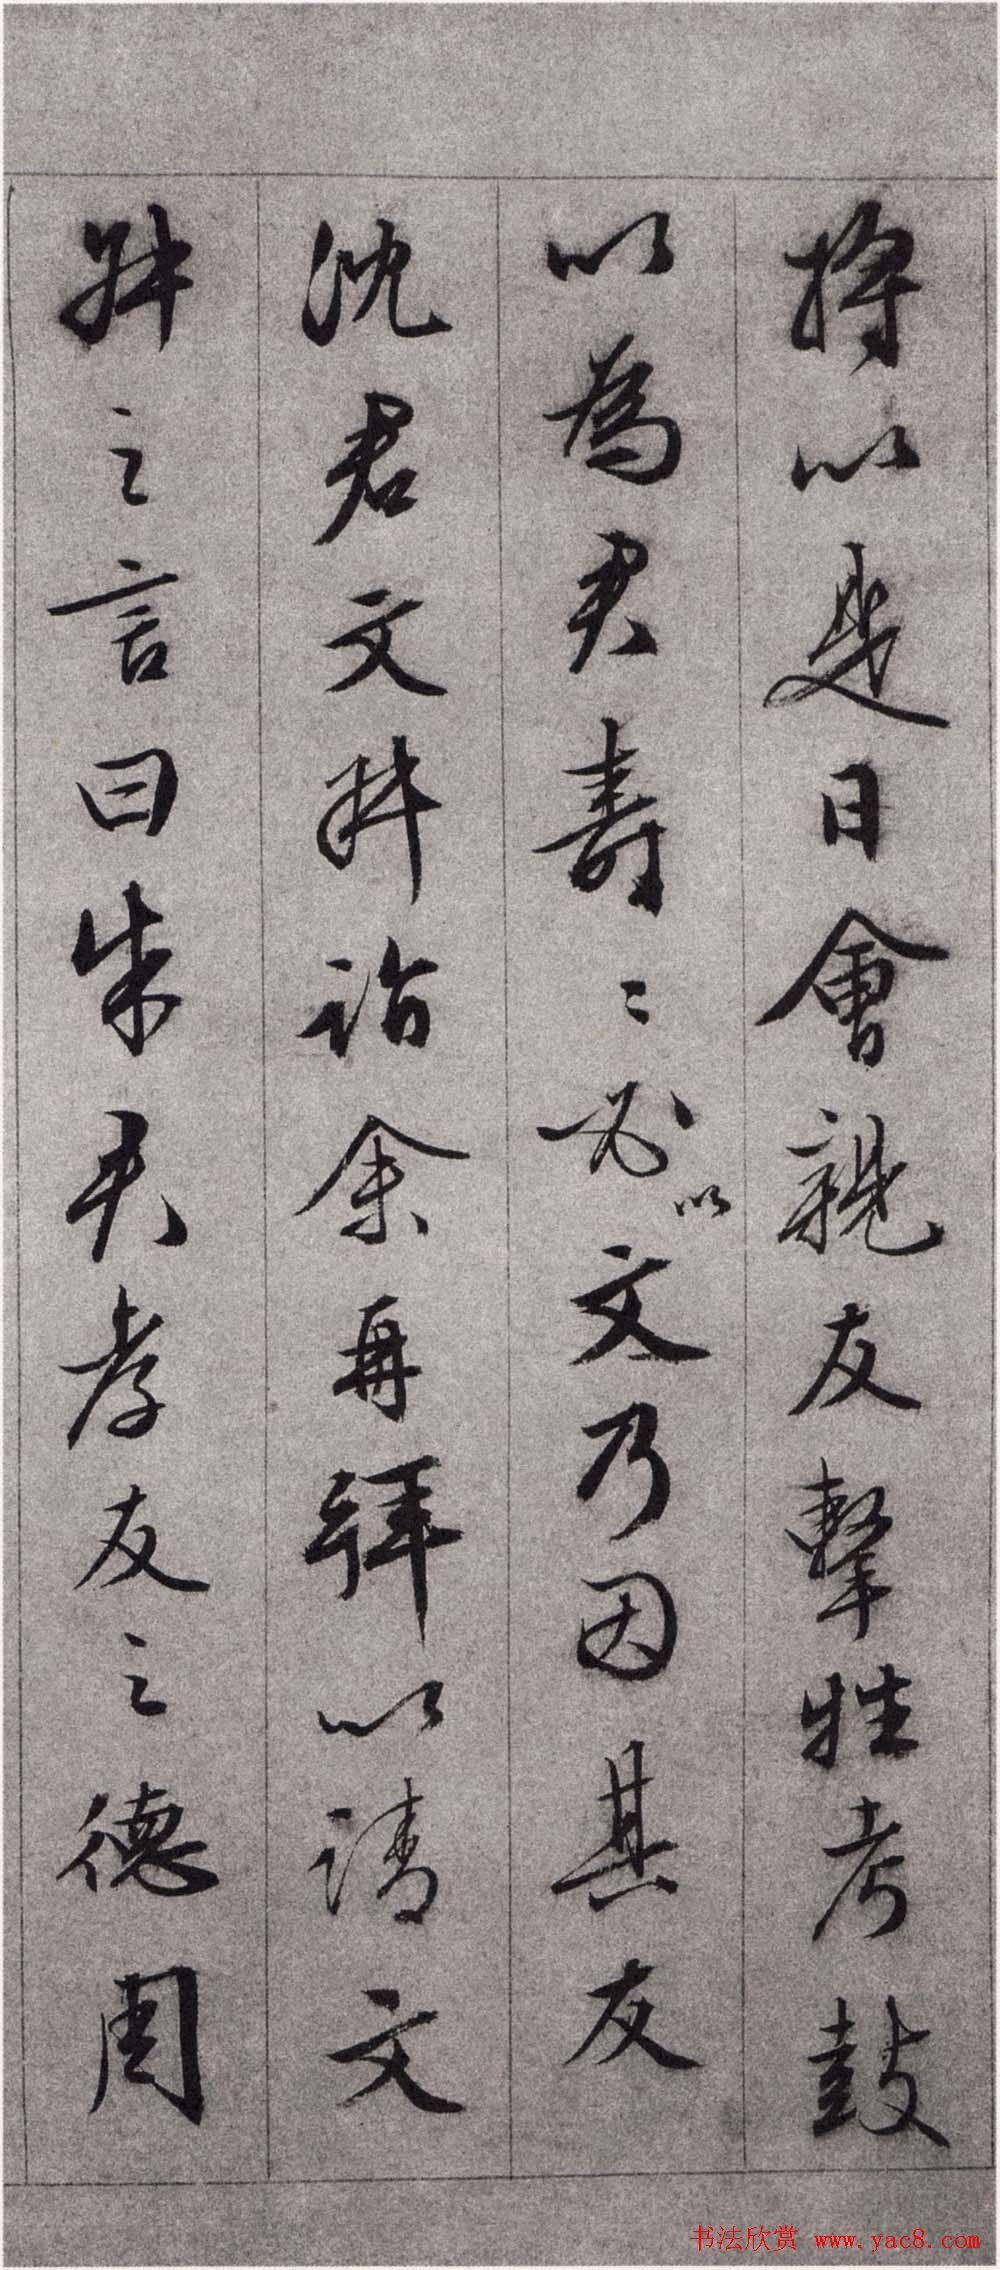 文徵明行草书法欣赏《朱懋功五十寿颂卷》